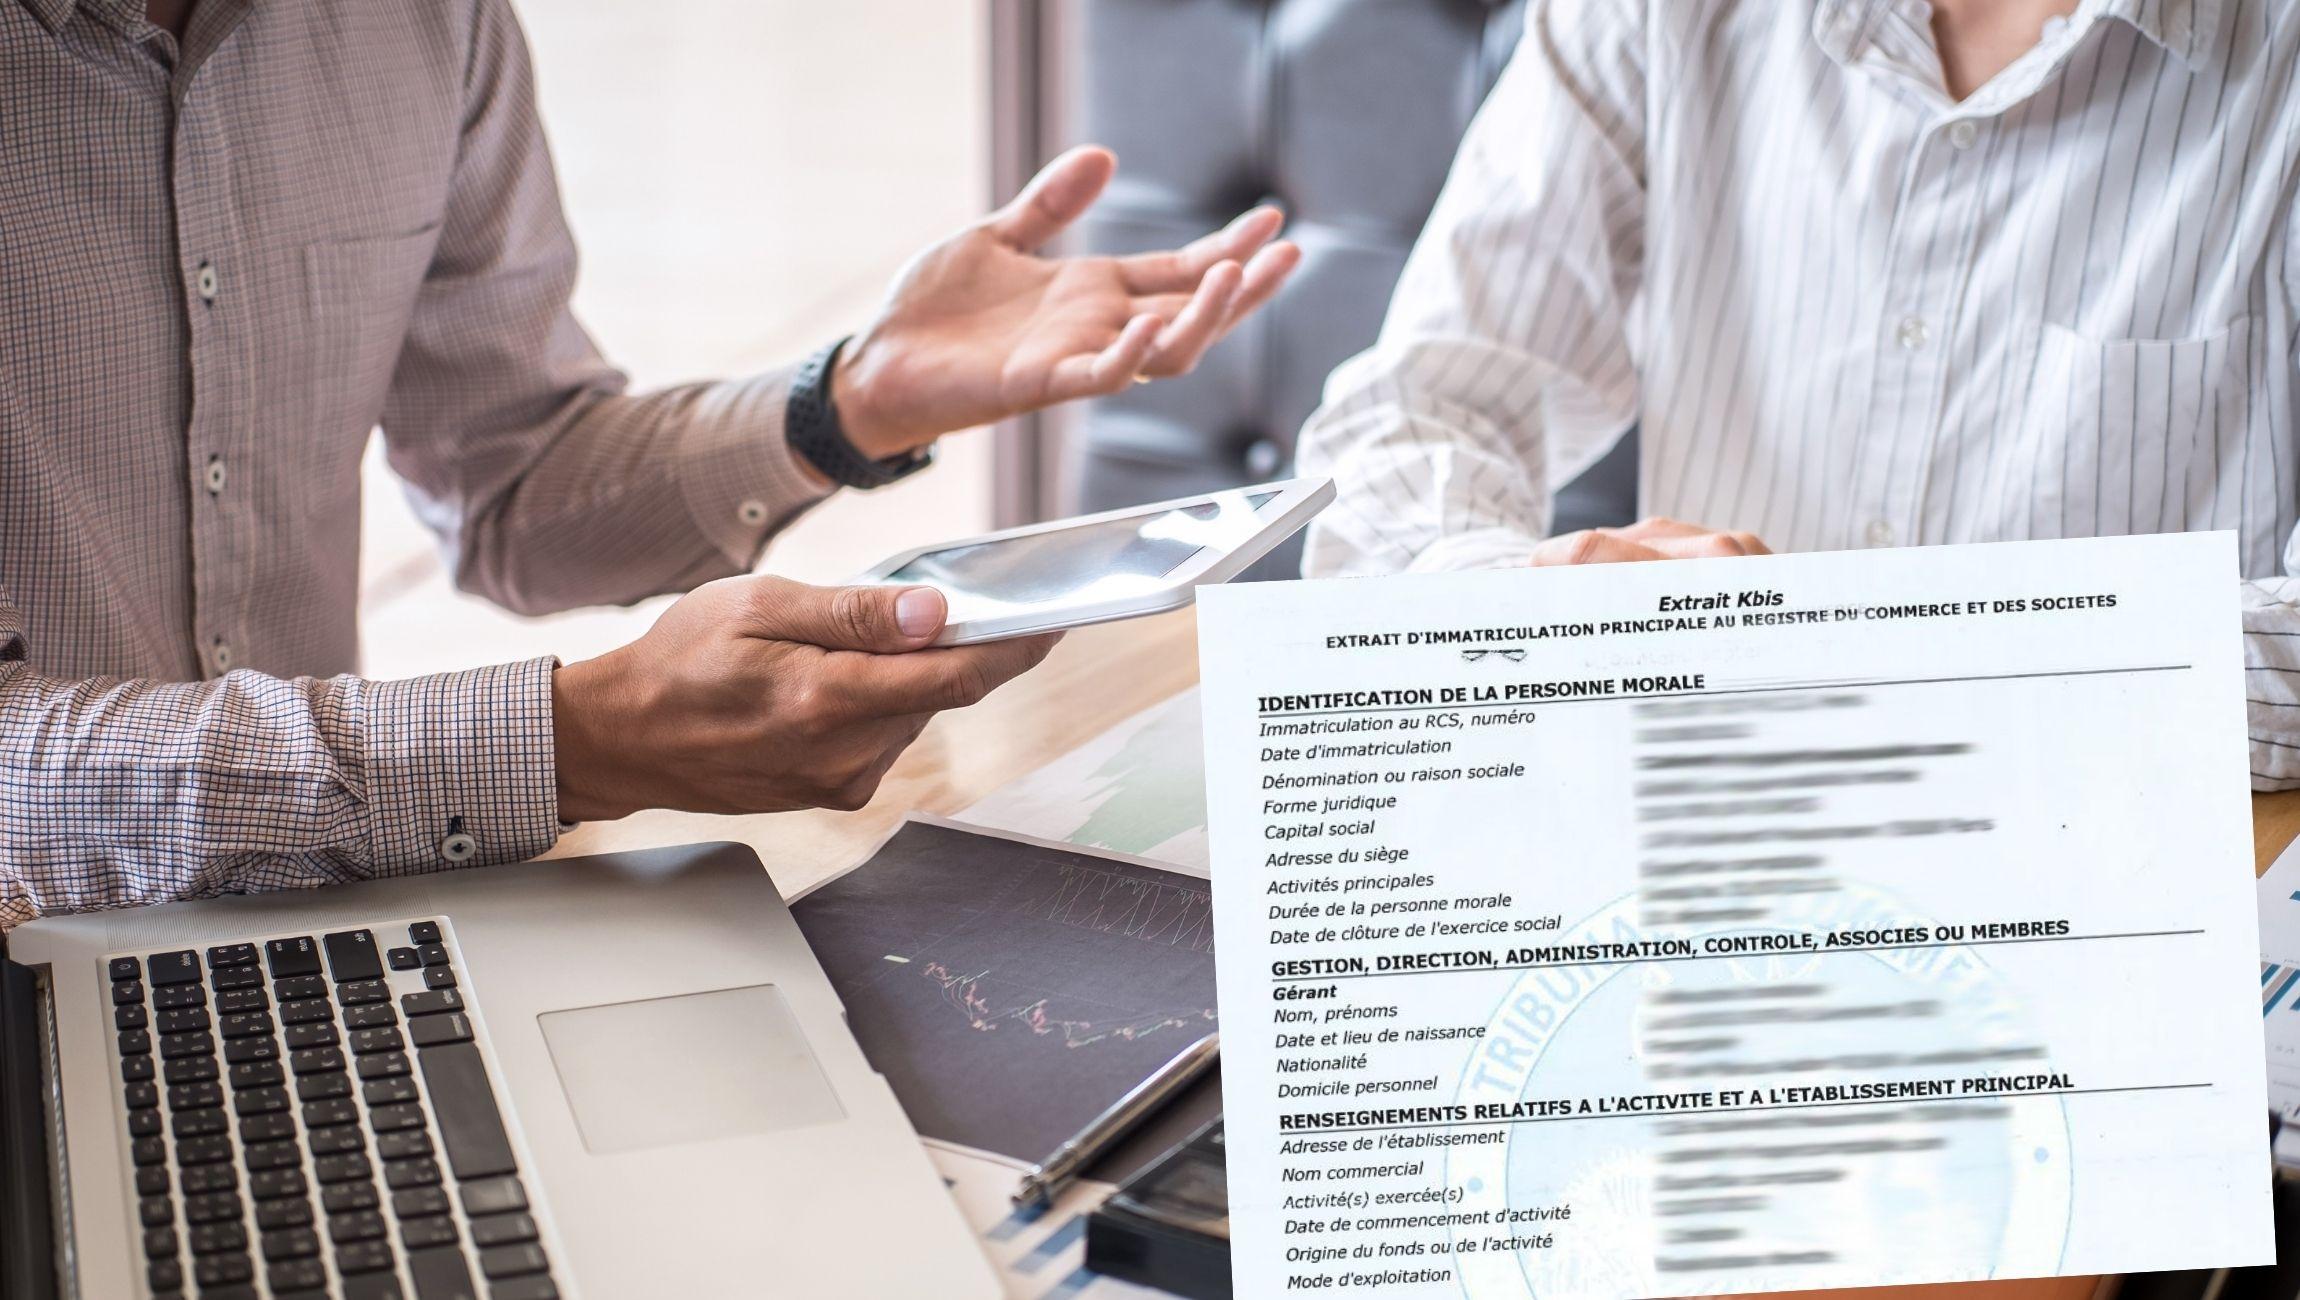 Extrait KBIS RCS registre du commerce et des sociétés